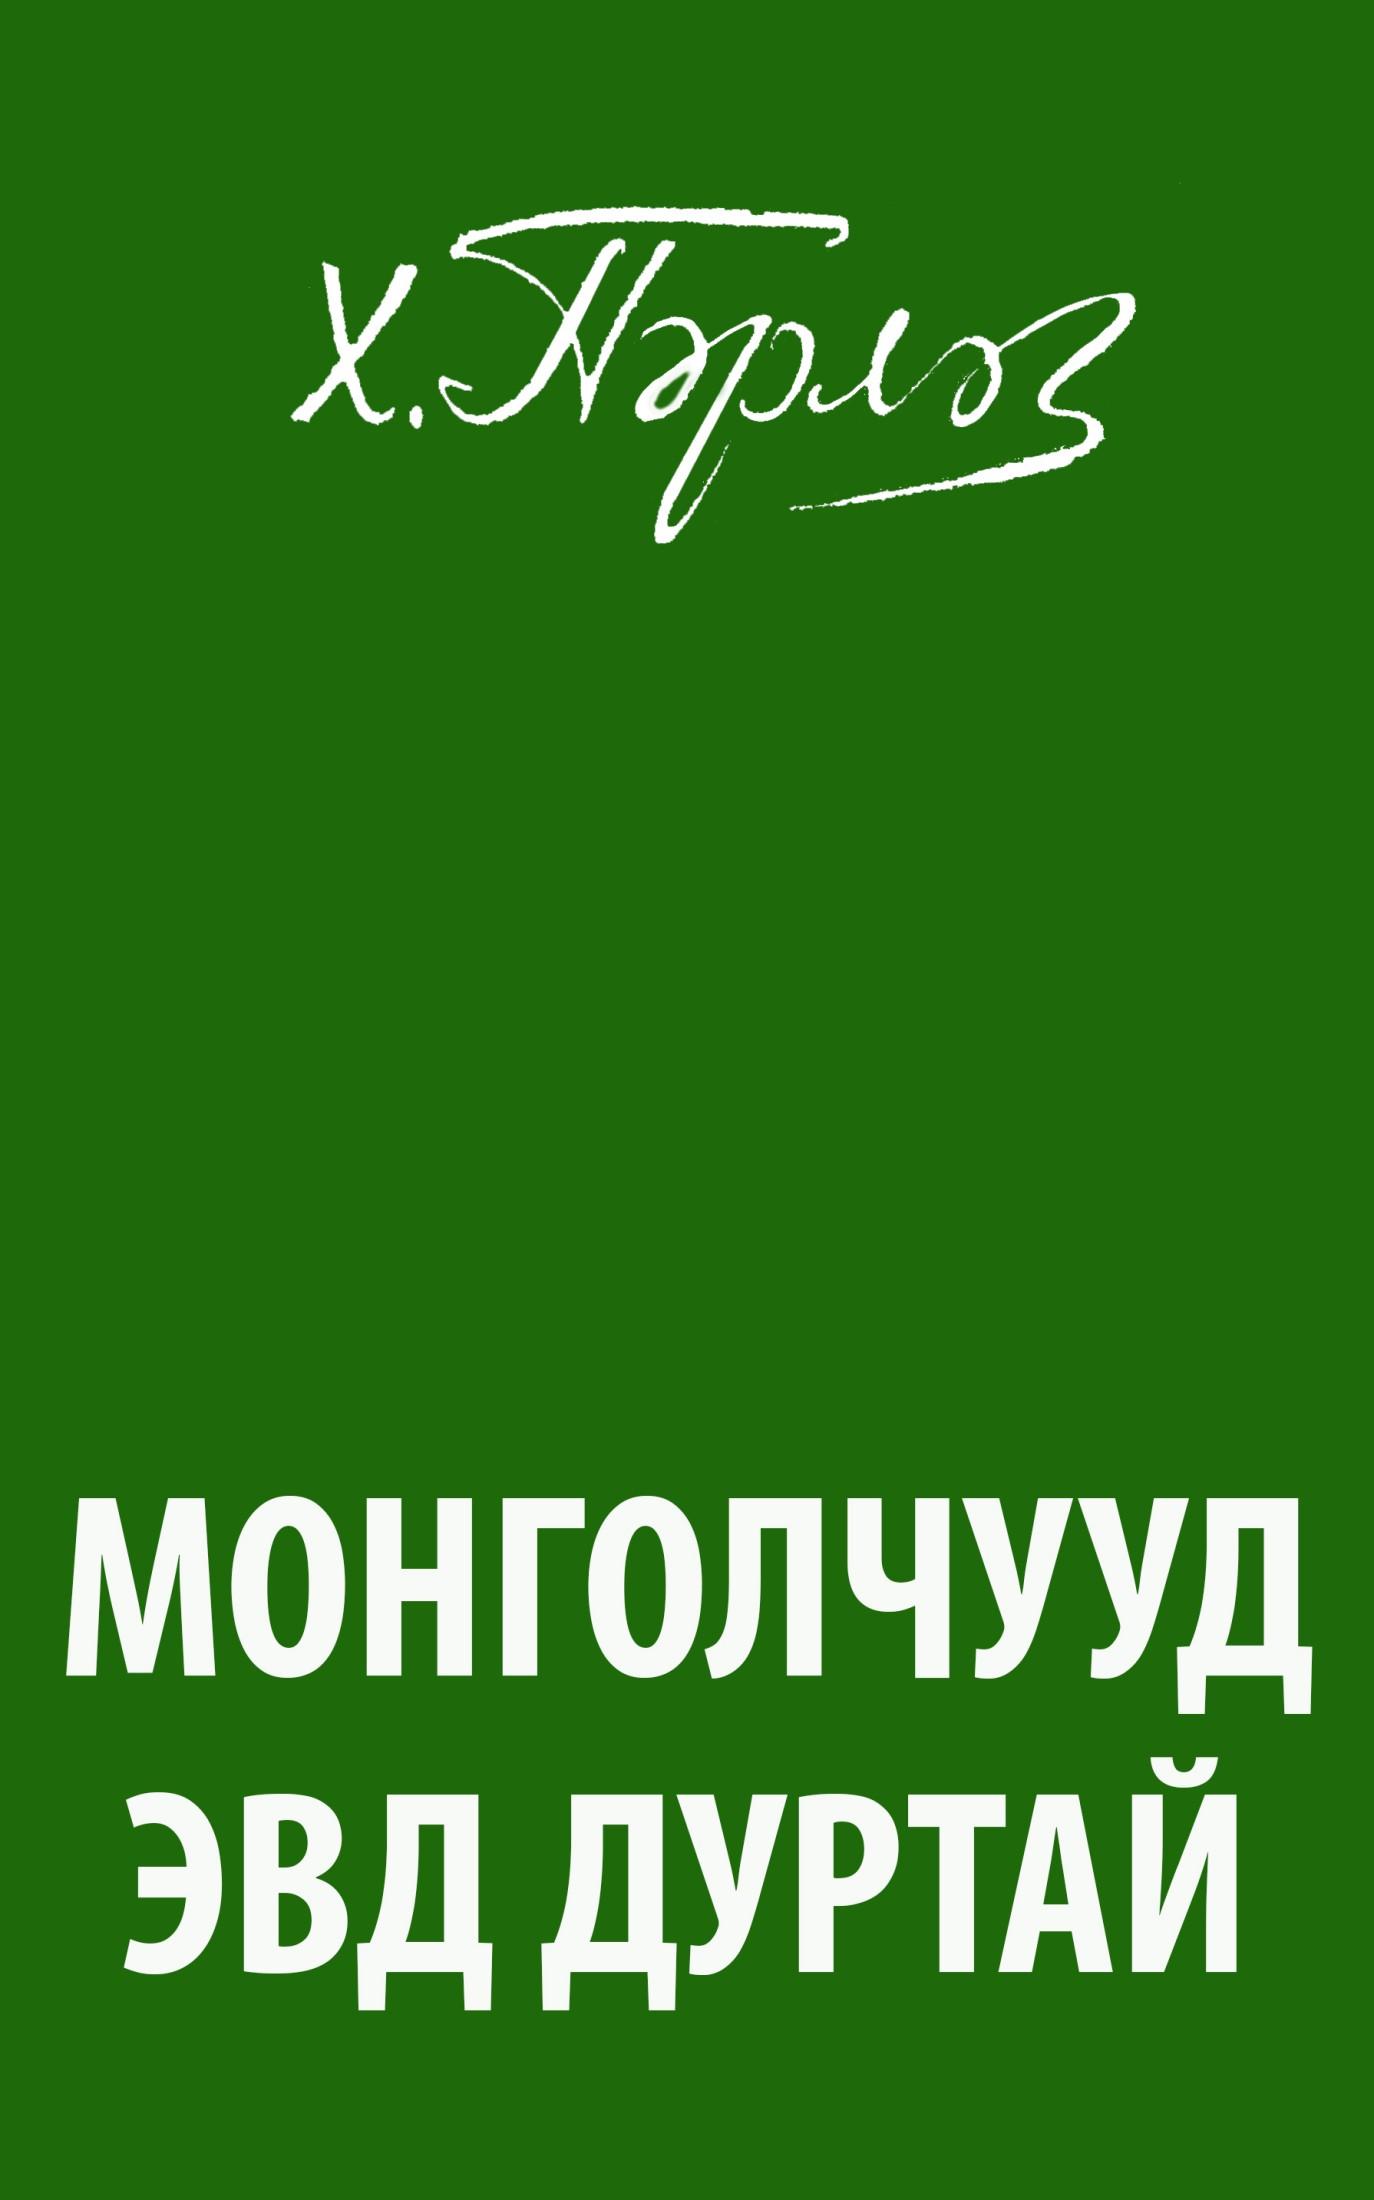 МОНГОЛЧУУД ЭВД ДУРТАЙ